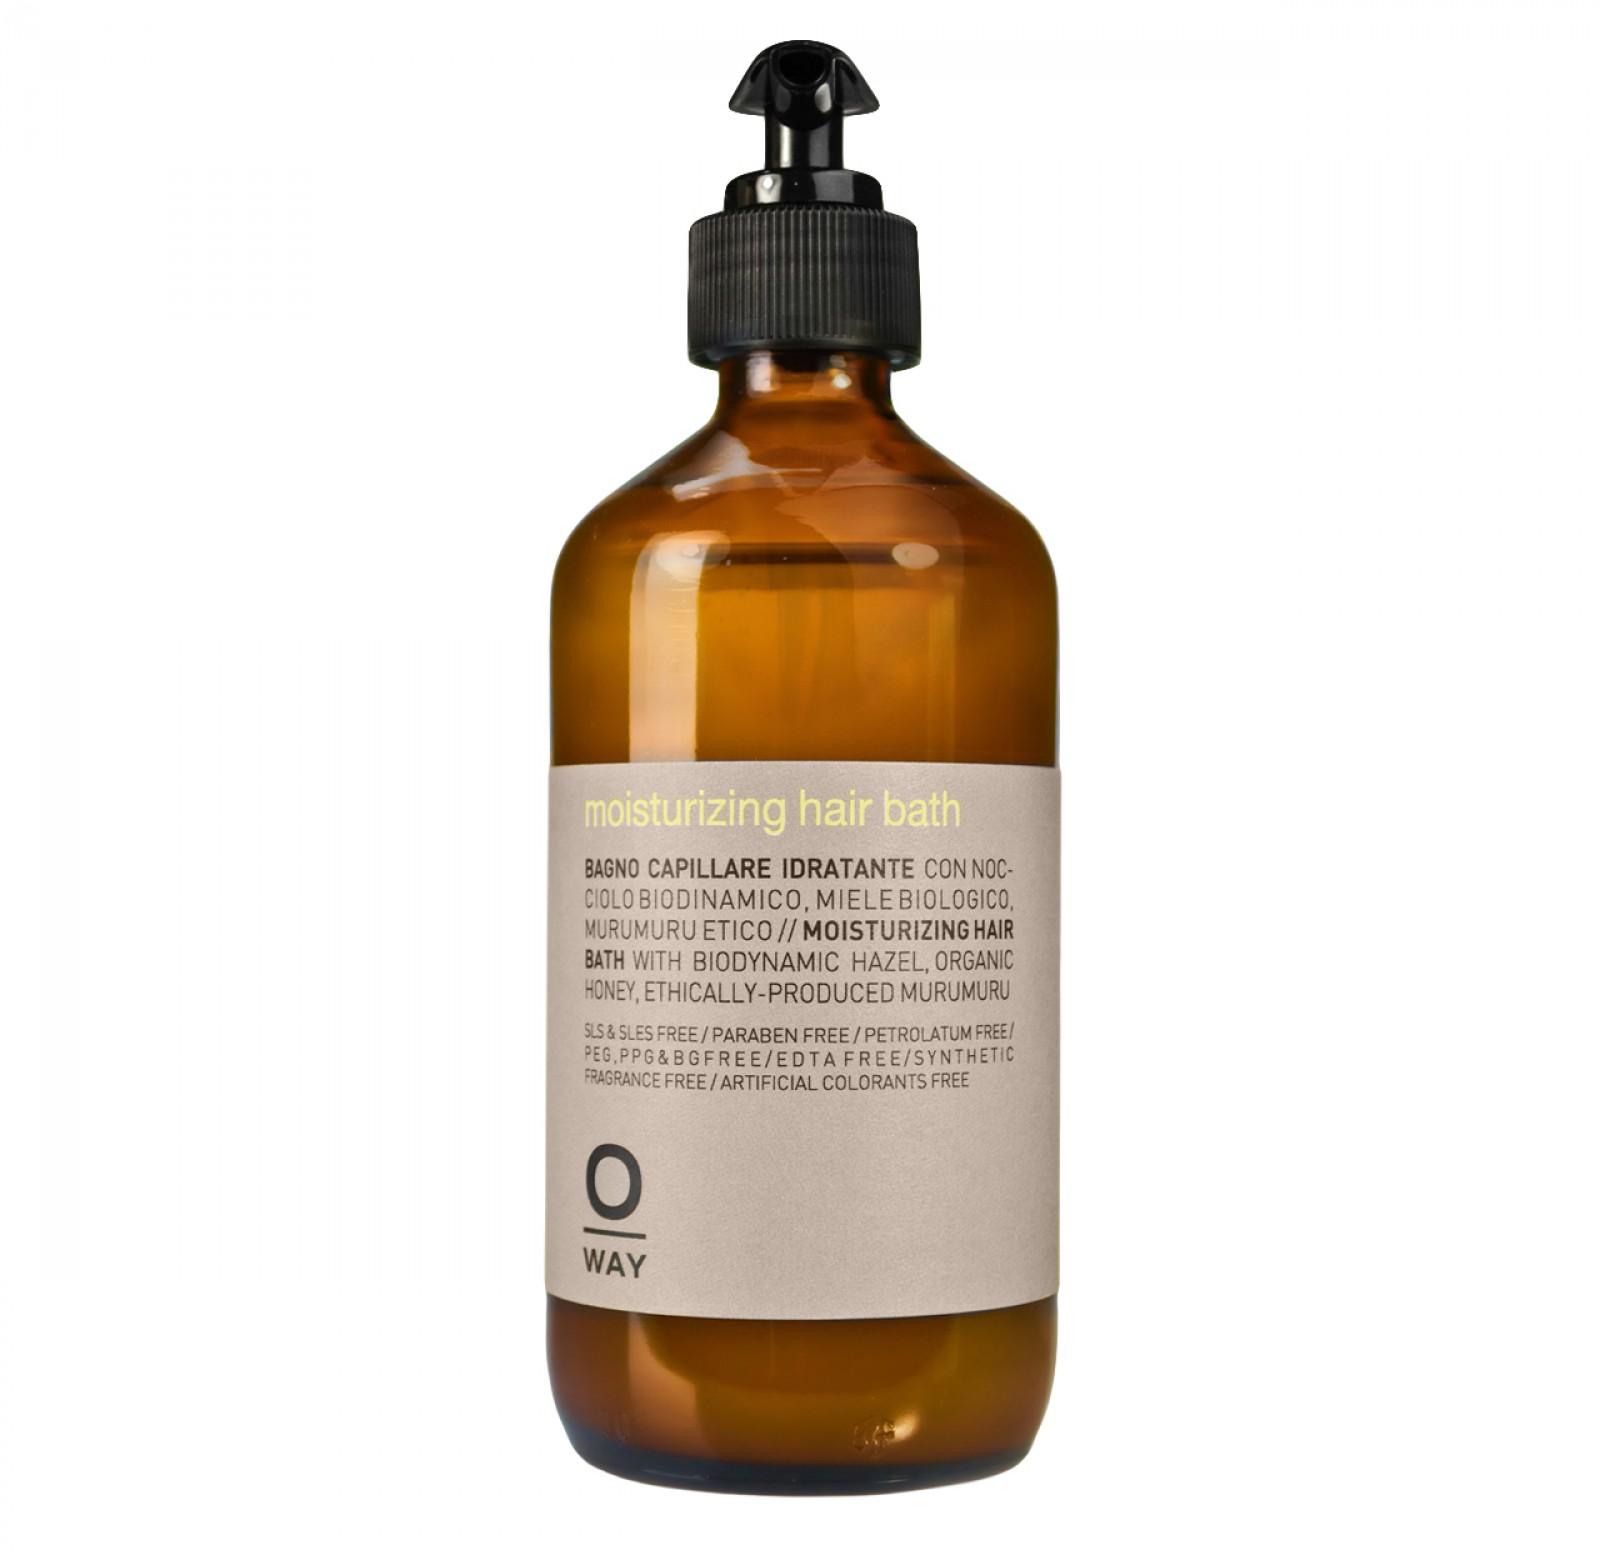 Oway moisturizing hair bath